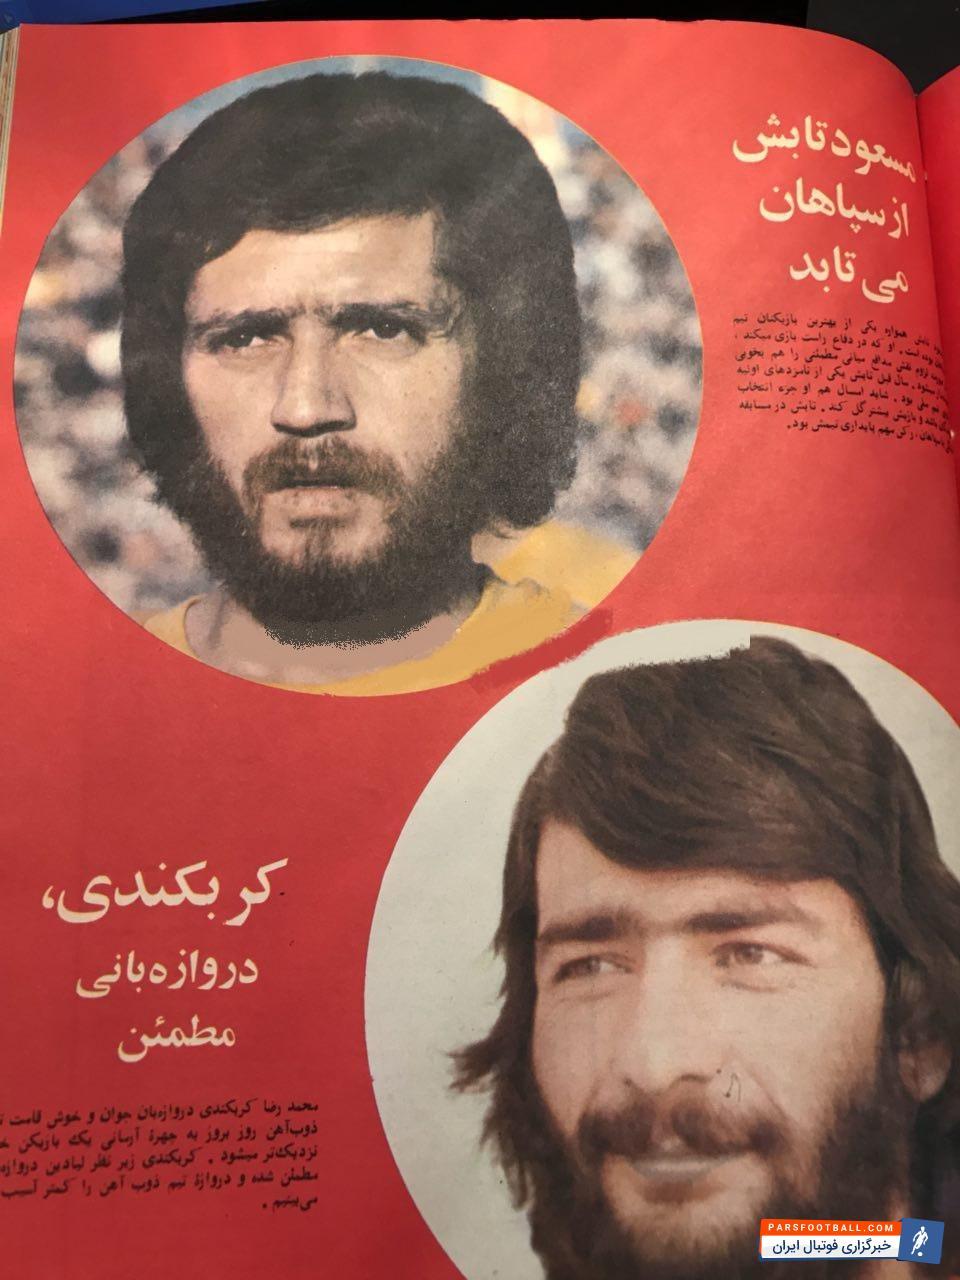 مسعود تابش مدیرعامل باشگاه سپاهان